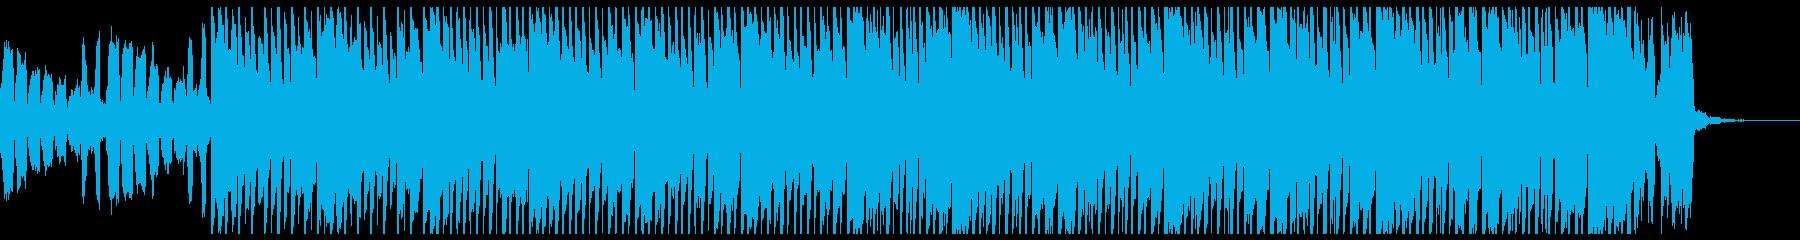 ファッションディープハウス(ショート)の再生済みの波形